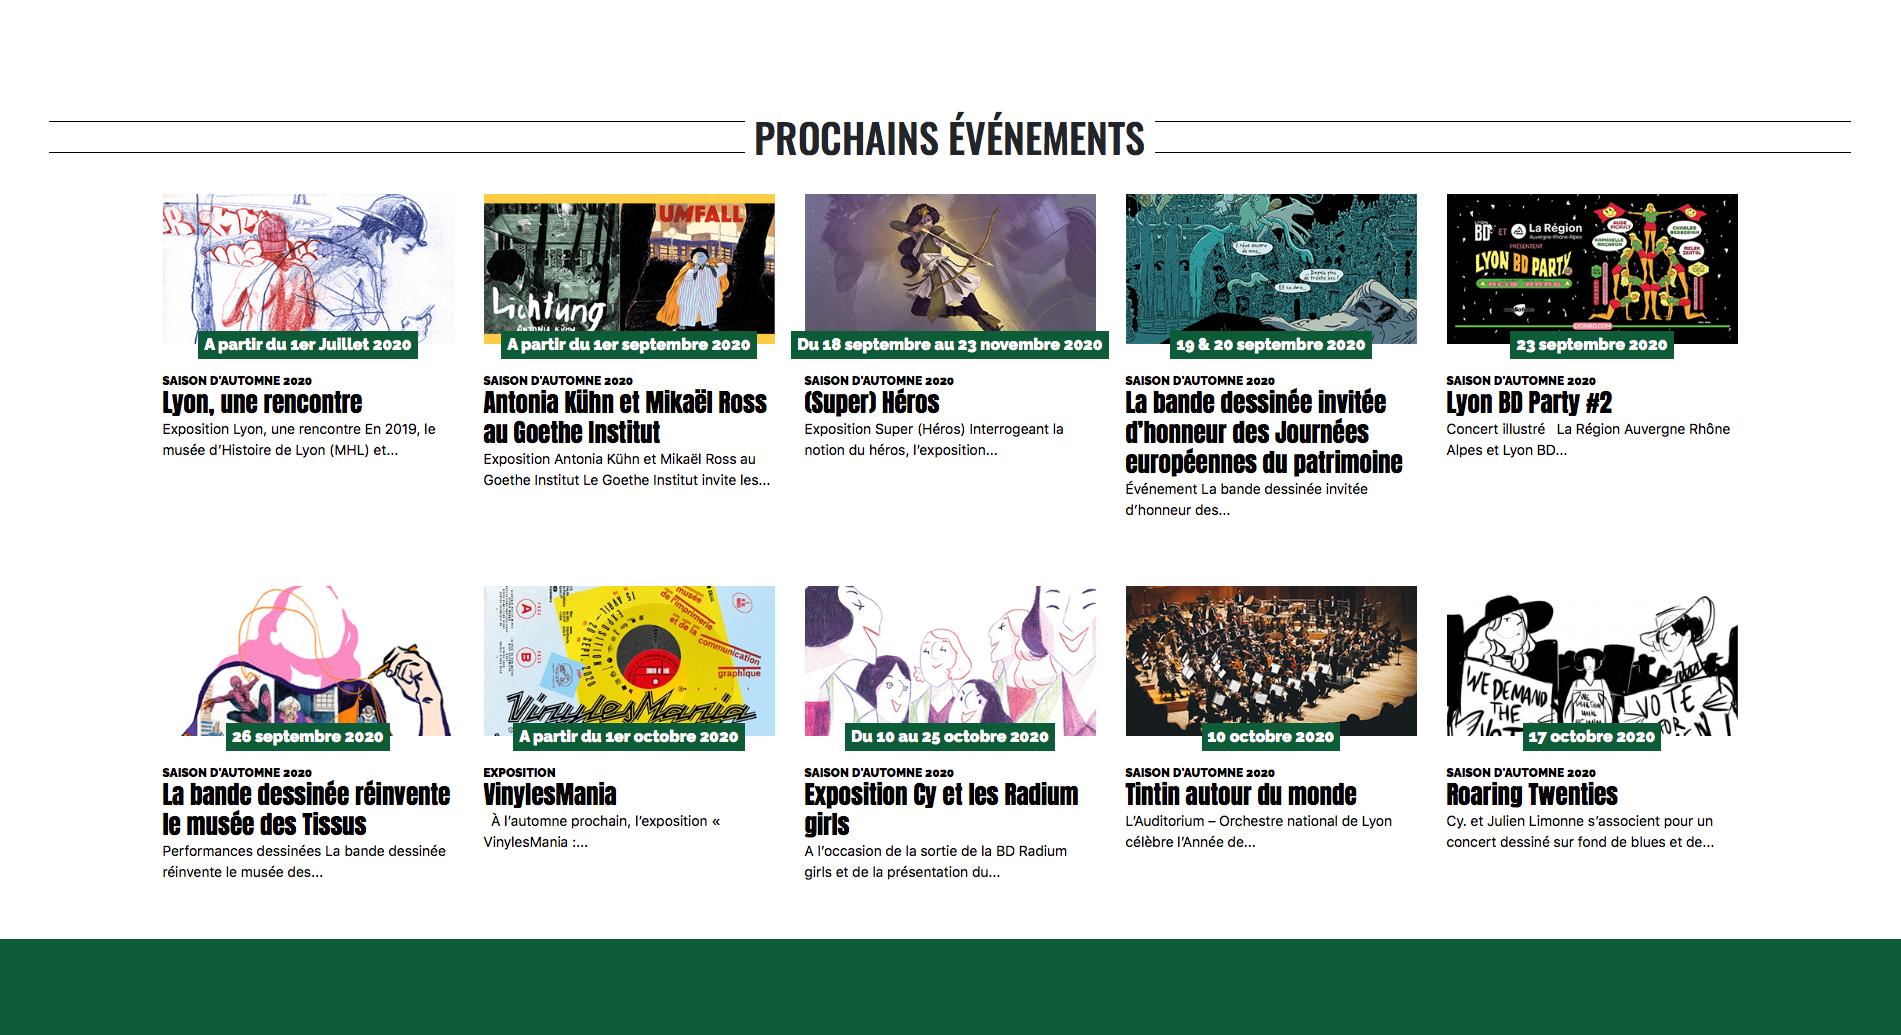 Screen du site internet de Lyon BD ouvert sur le header du site Lyon BD festival avec visibilité sur les prochains évènements